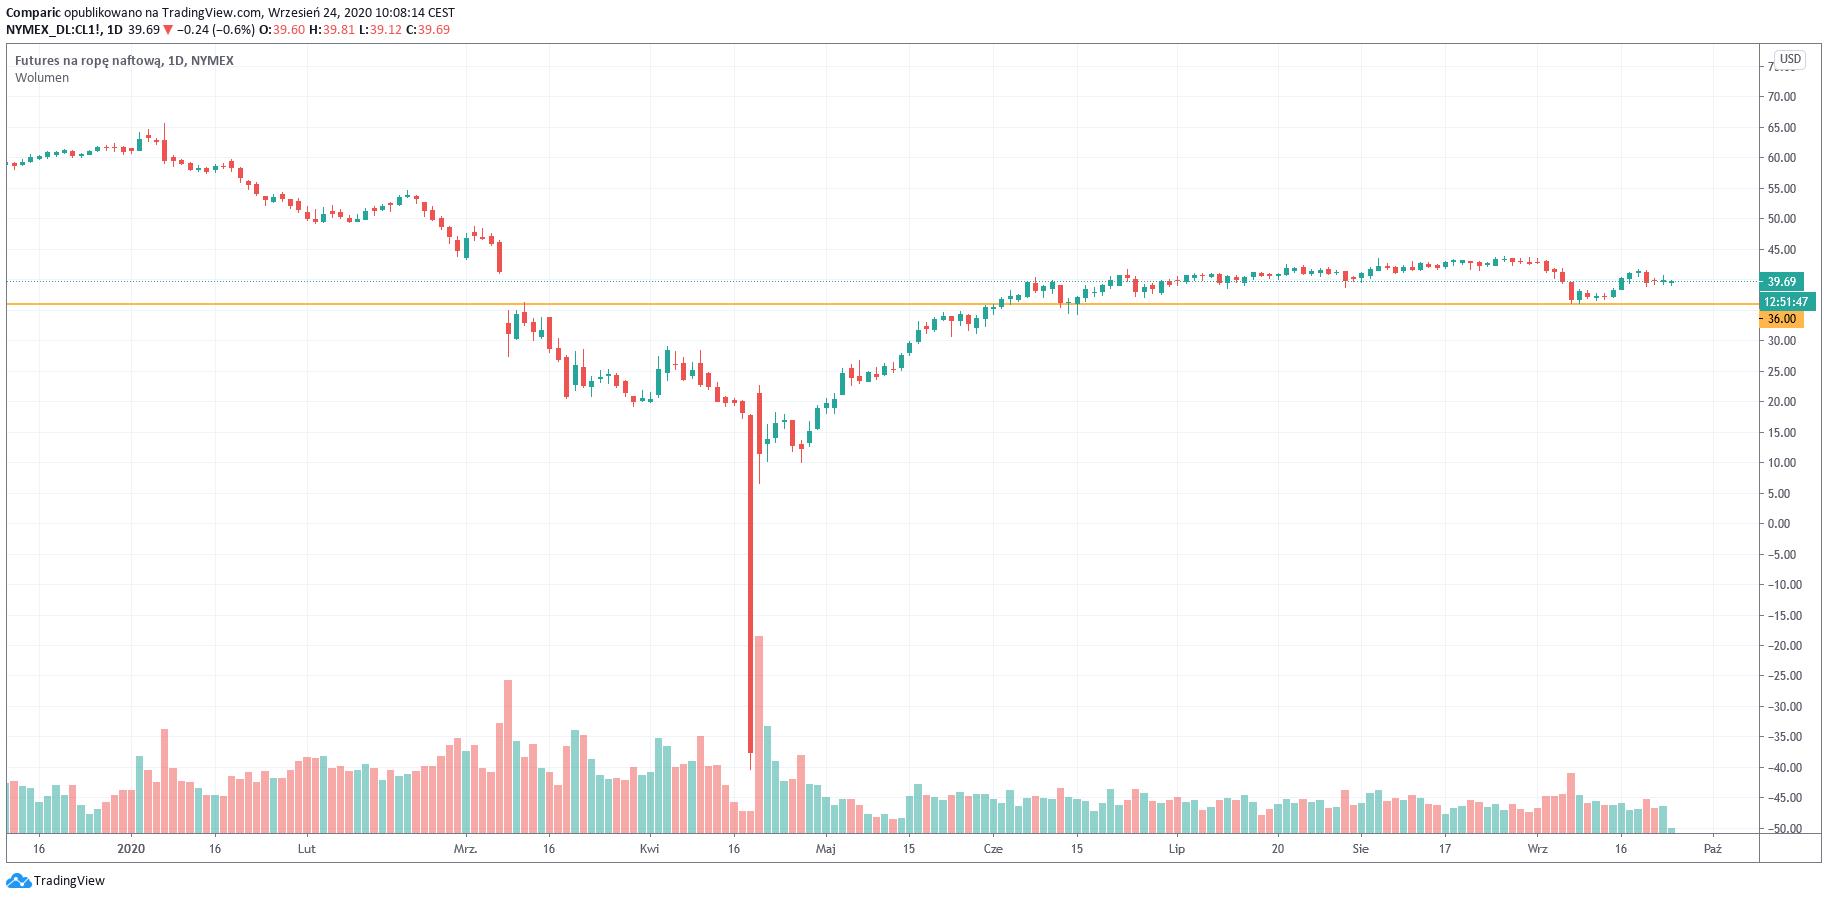 Ropa WTI tanieje poniżej 40 dol. bbl pod presją mocnego dolara